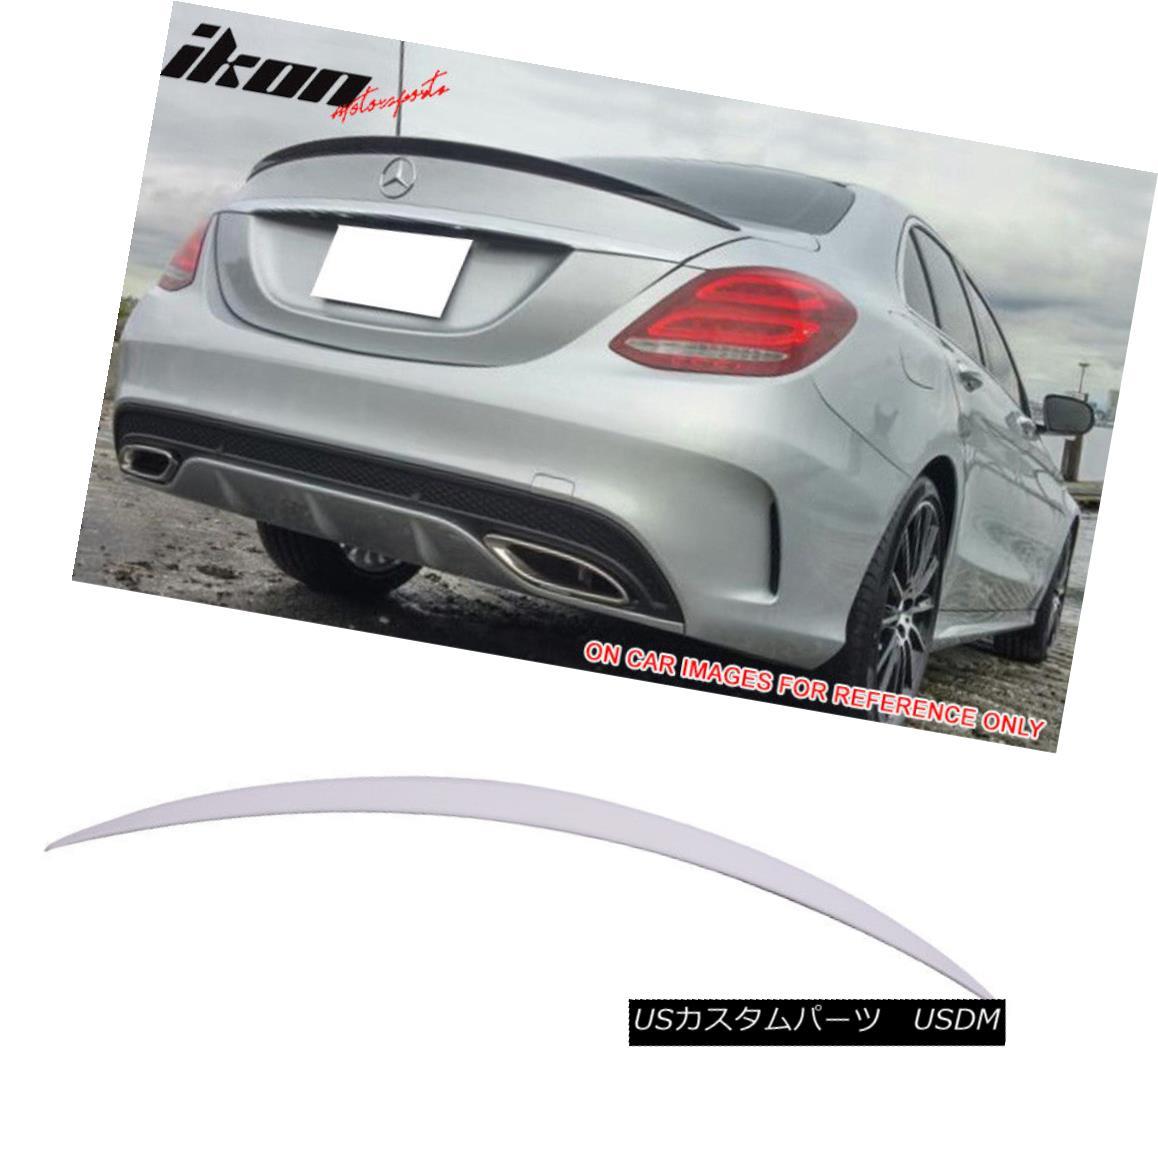 エアロパーツ Fits 15-18 Benz W205 C Class Sedan AMG Trunk Spoiler Painted #149 Polar White フィット15-18ベンツW205 CクラスセダンAMGトランク・スポイラー#149極白